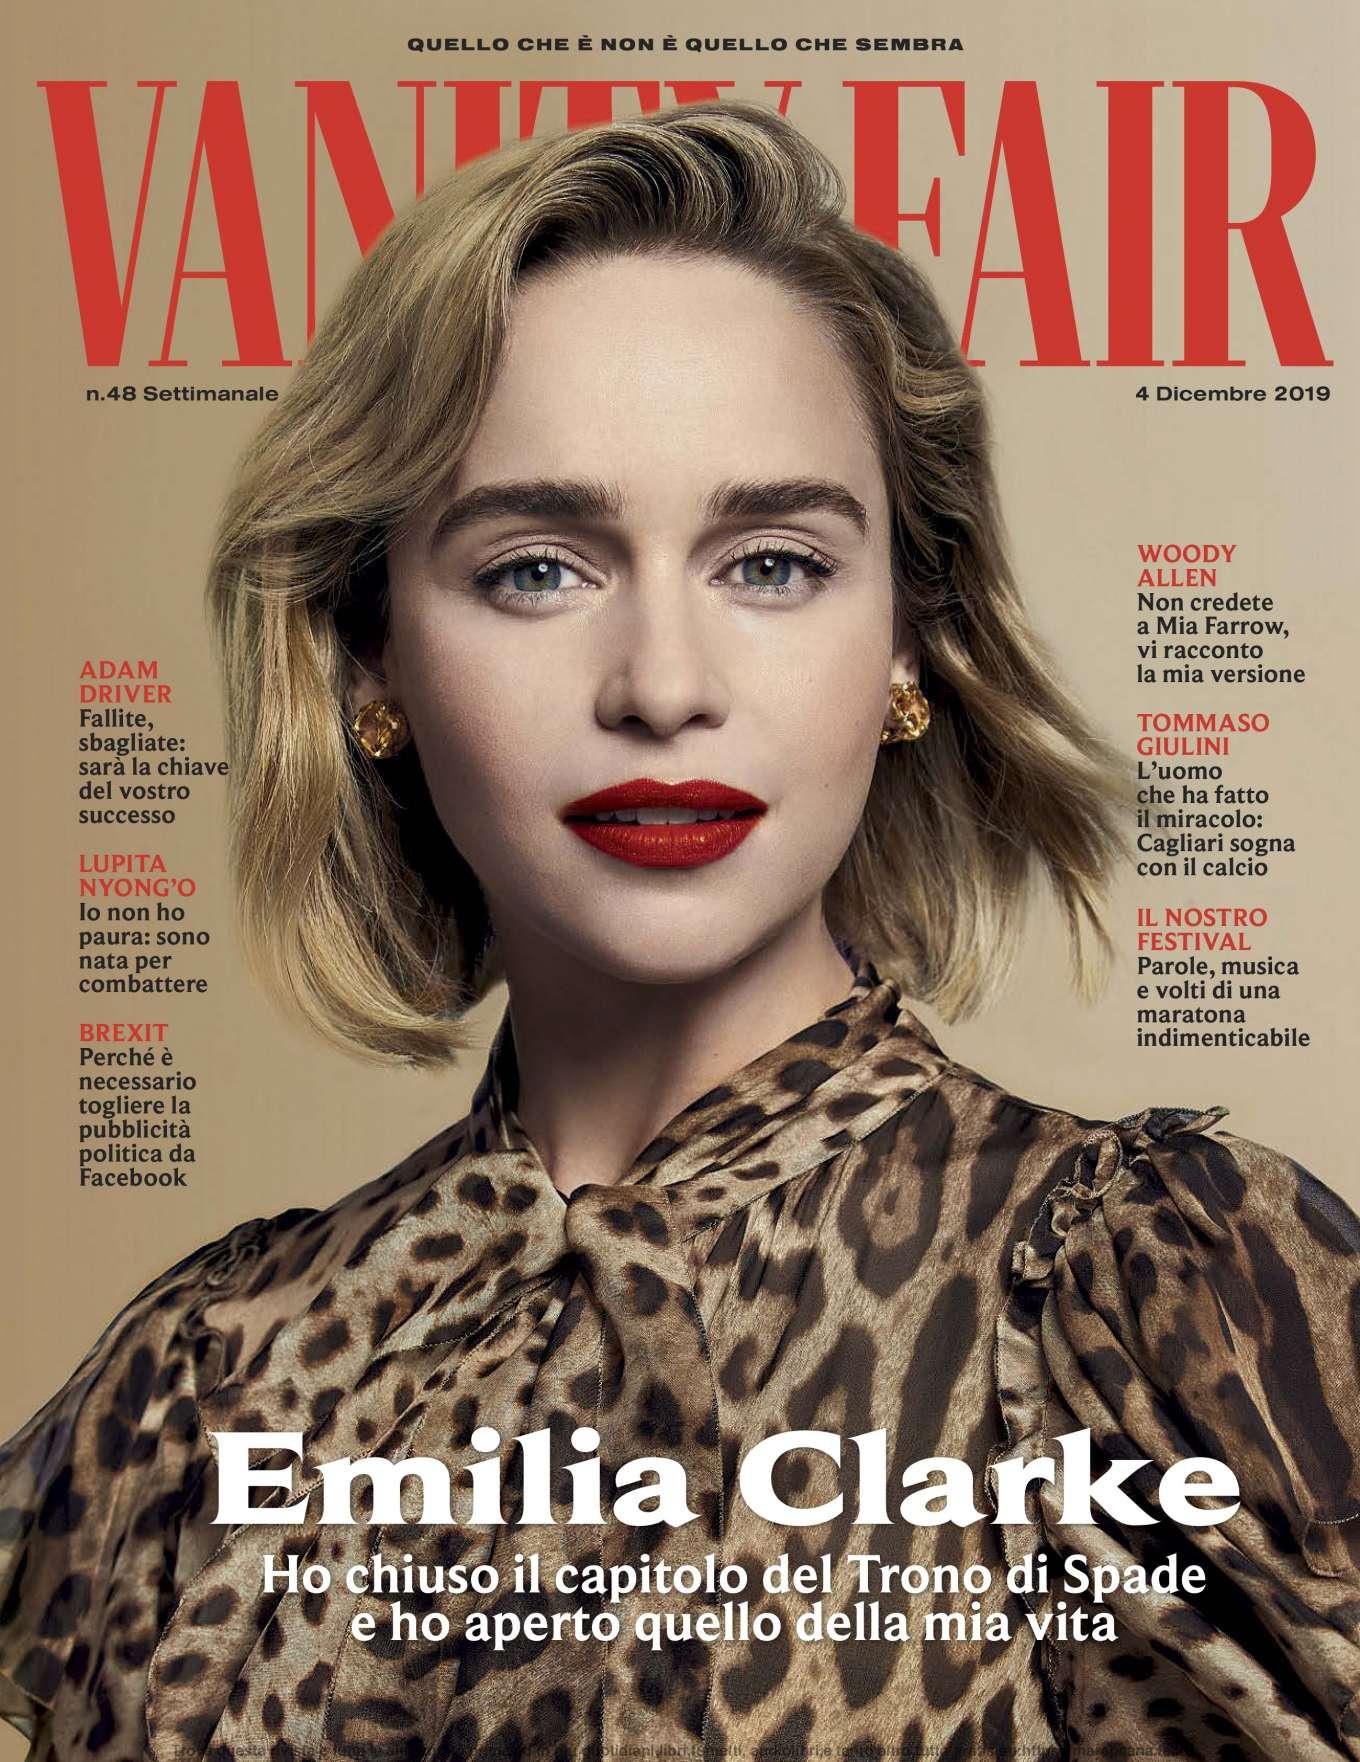 Emilia Clarke 2019 : Emilia Clarke – Vanity Fair Italy 2019-04